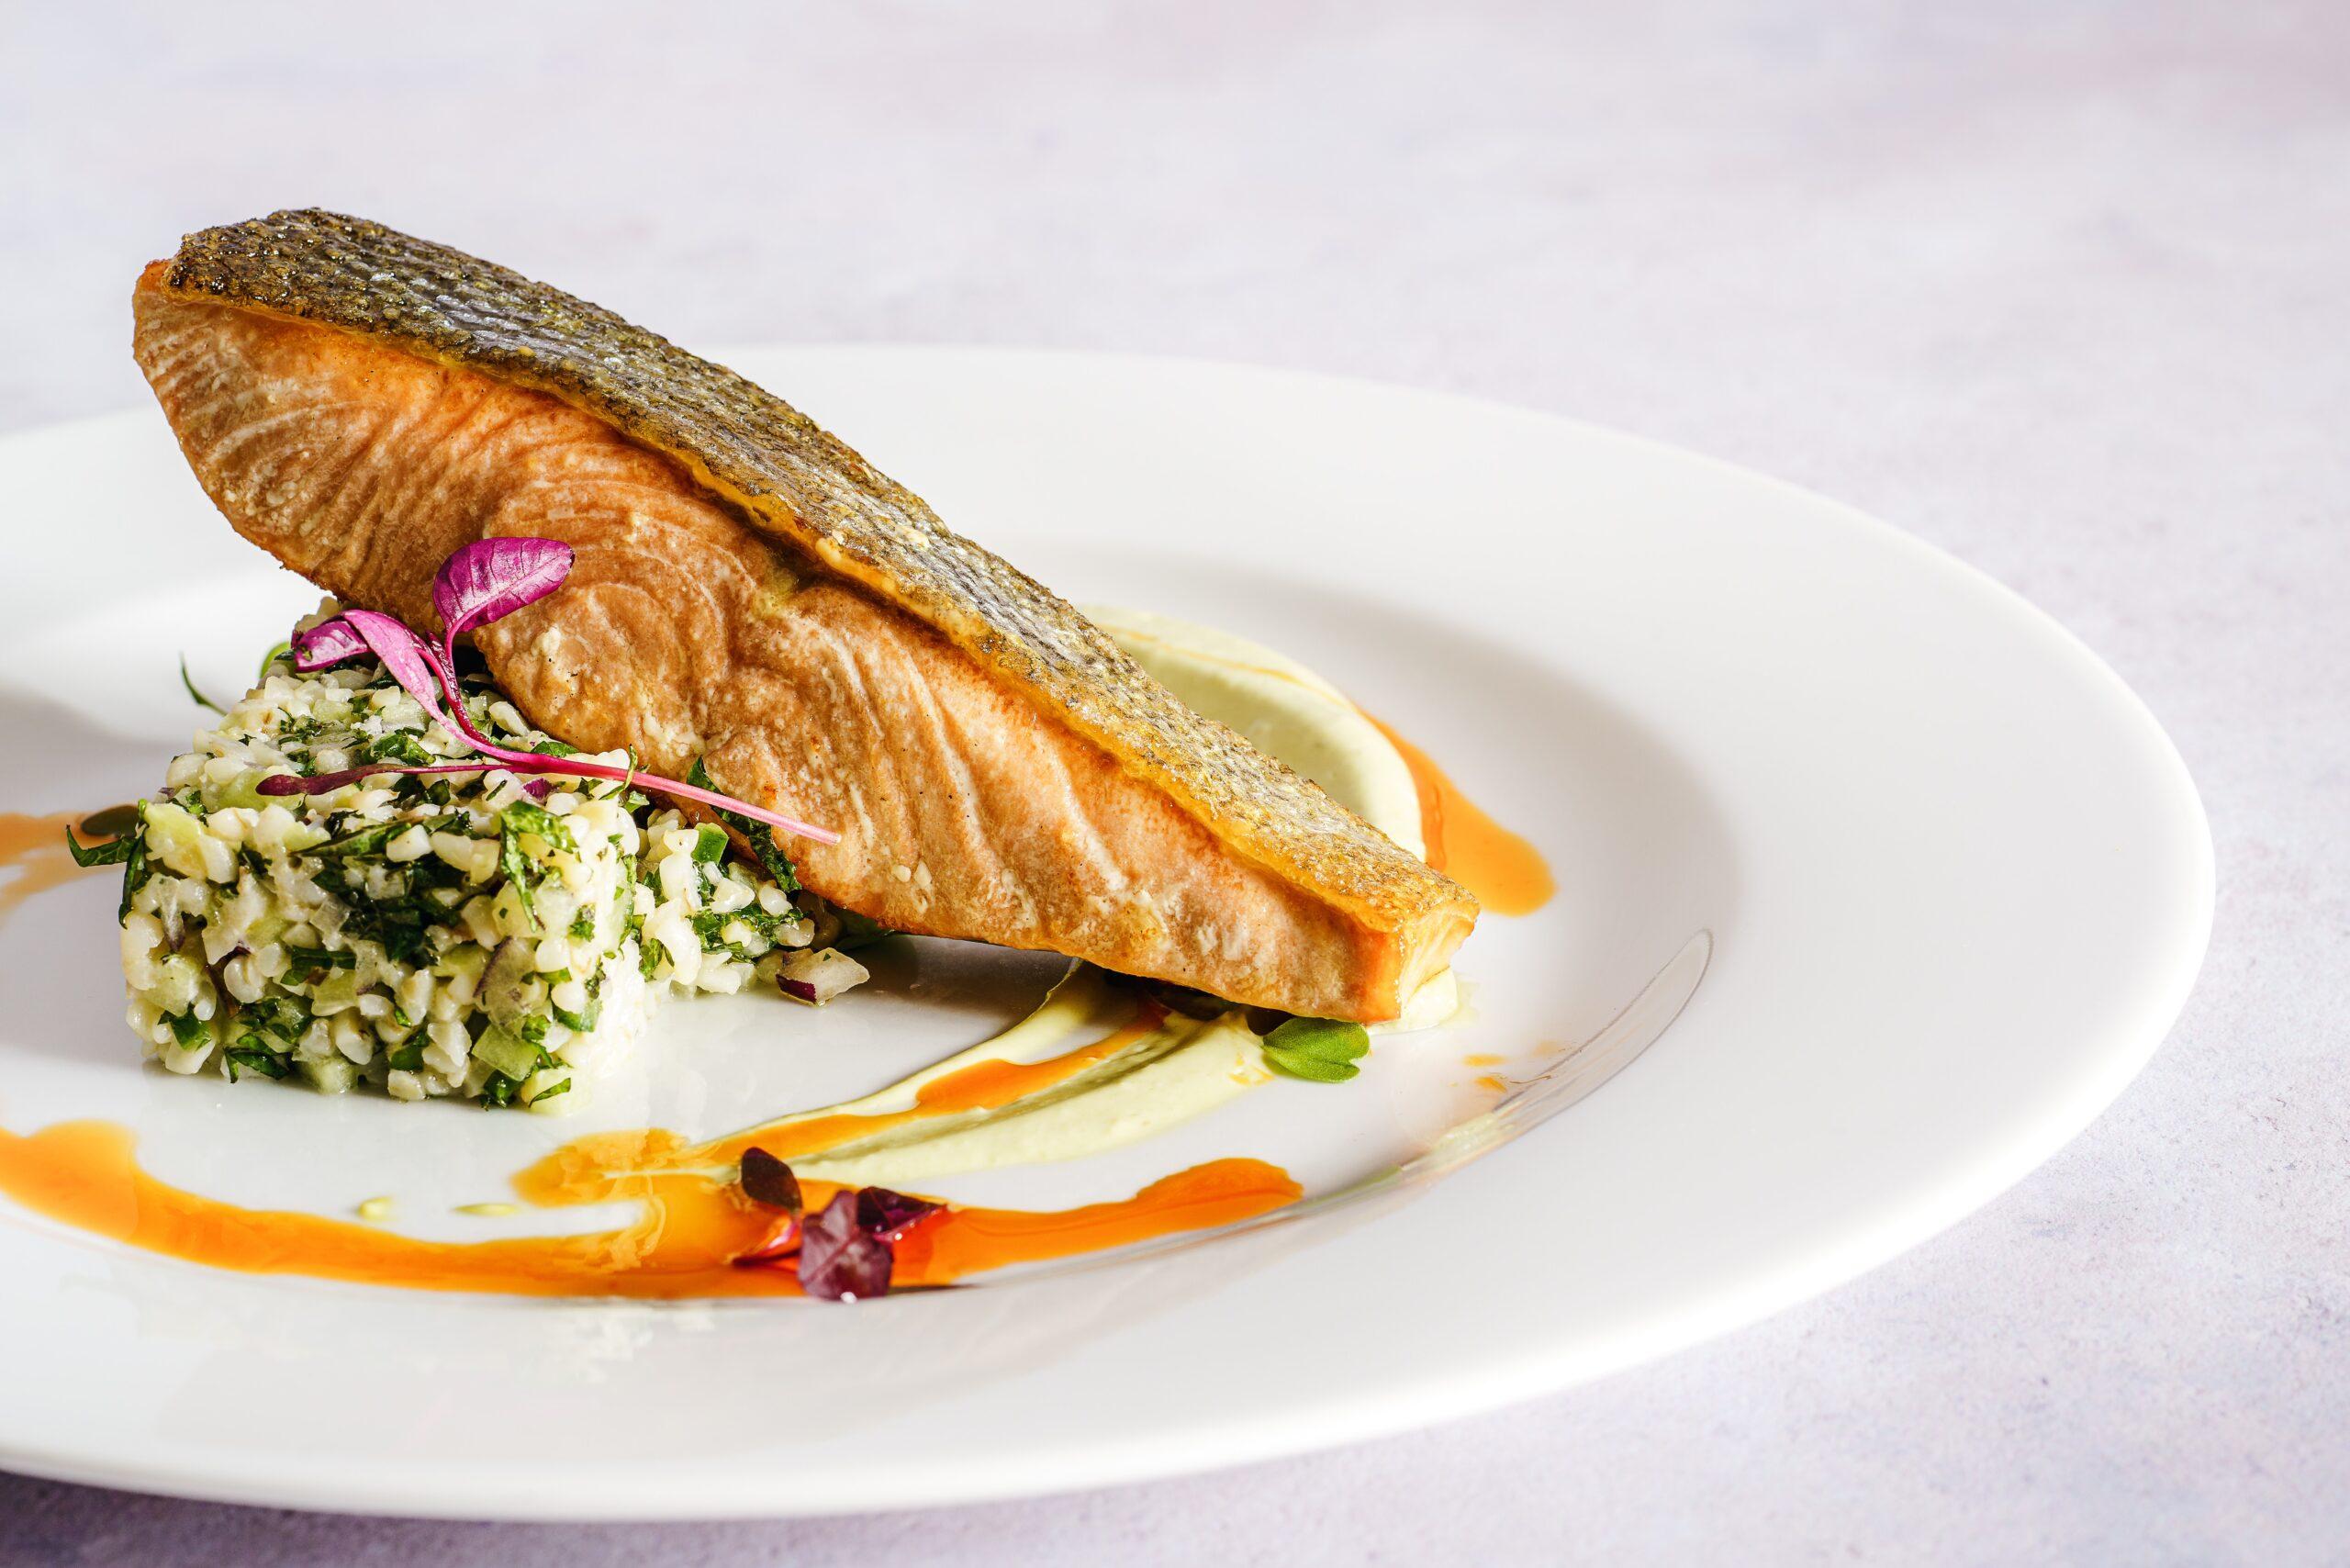 إعلان عن مطعم لبيع الأسماك